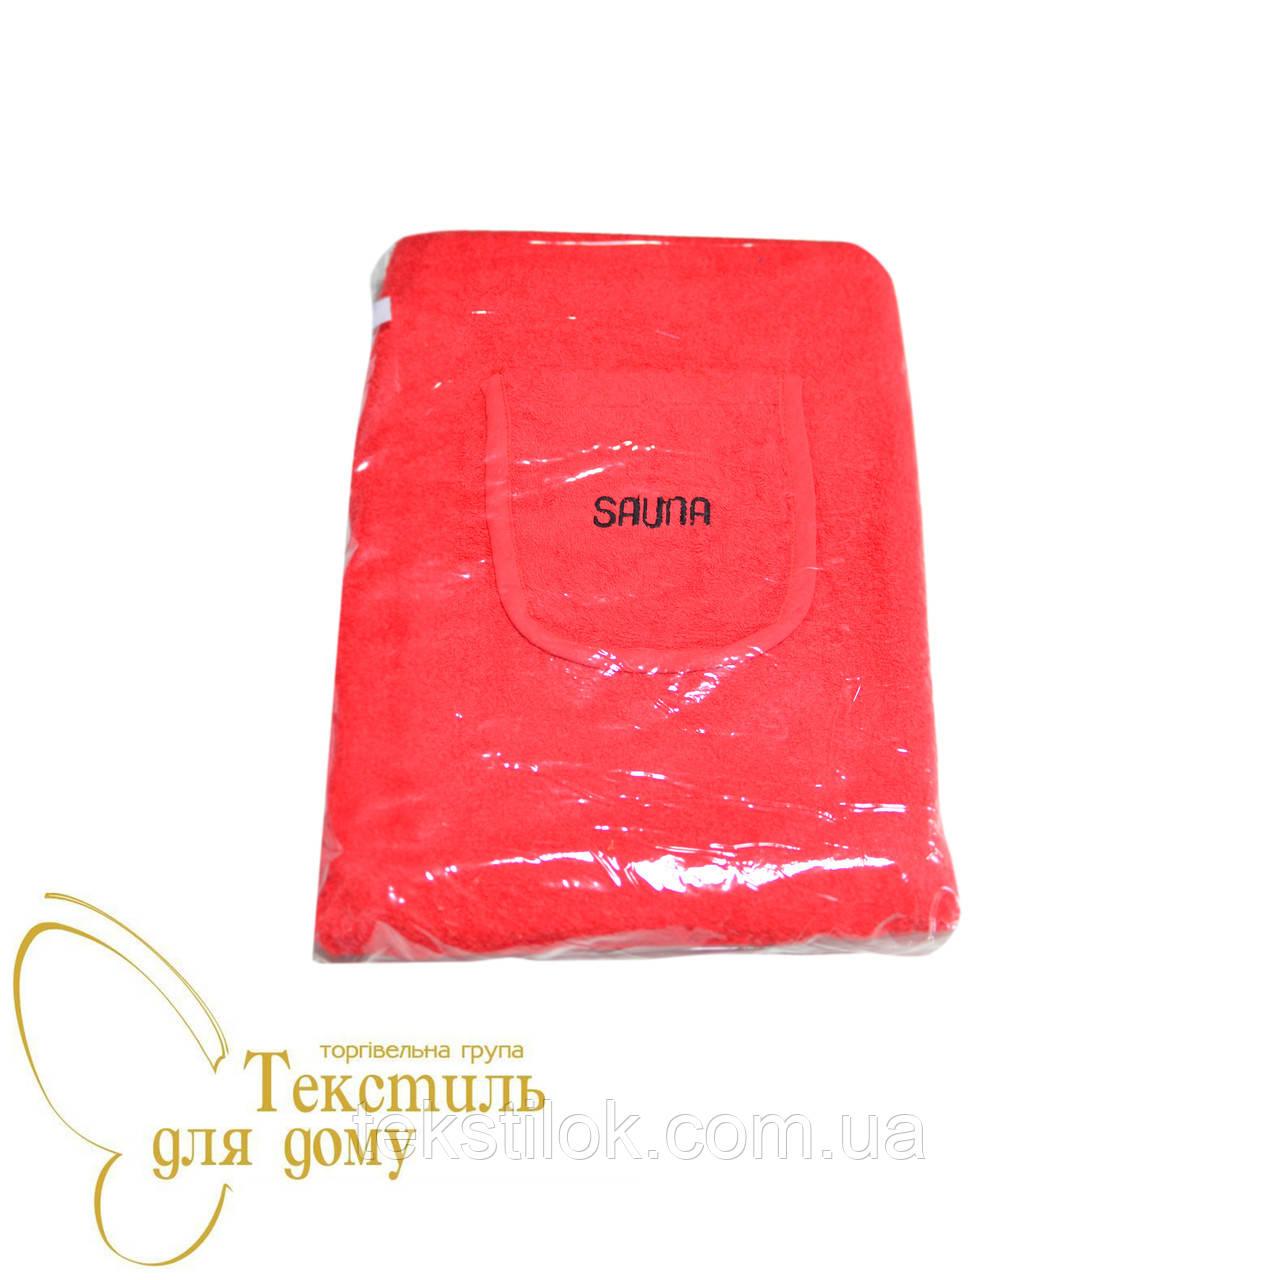 Парео для сауны женское + капюшон, 70*140, красный